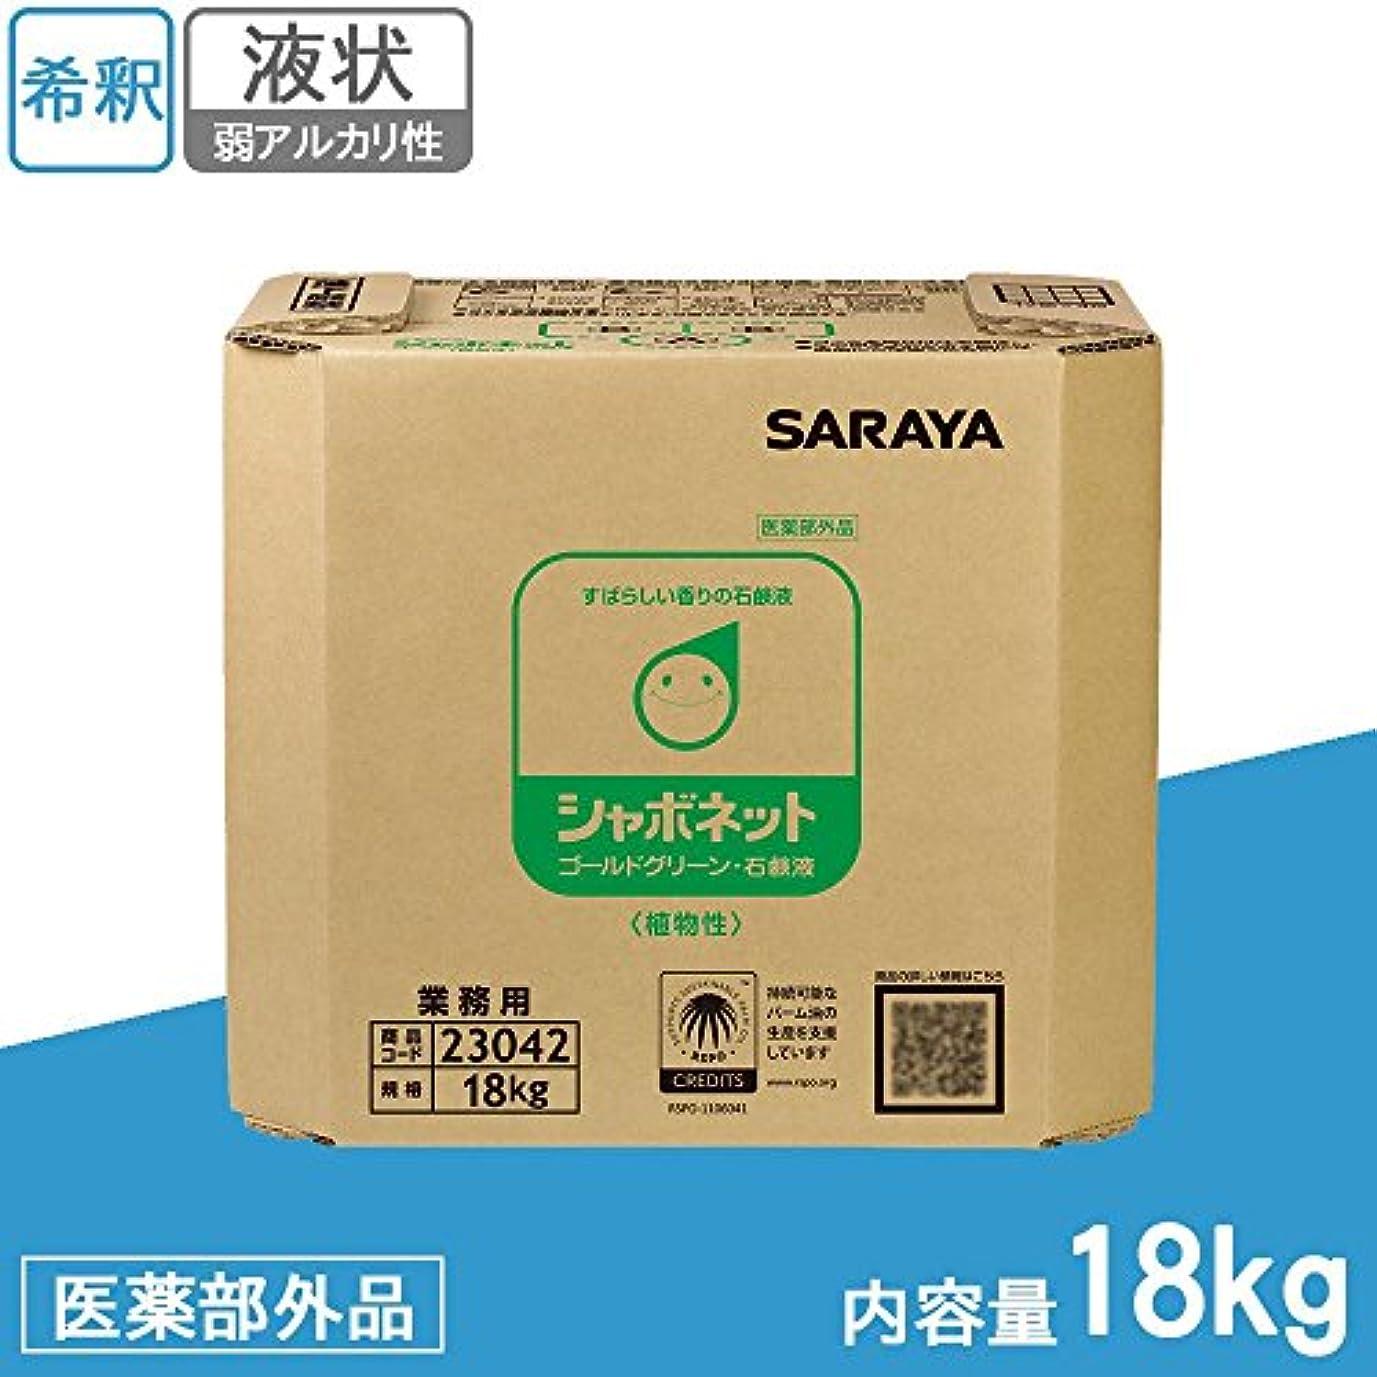 冷ややかな羊のマキシムサラヤ 業務用 手洗い用石けん液 シャボネットゴールドグリーン スズランの香り 18kg BIB 23042 (医薬部外品)